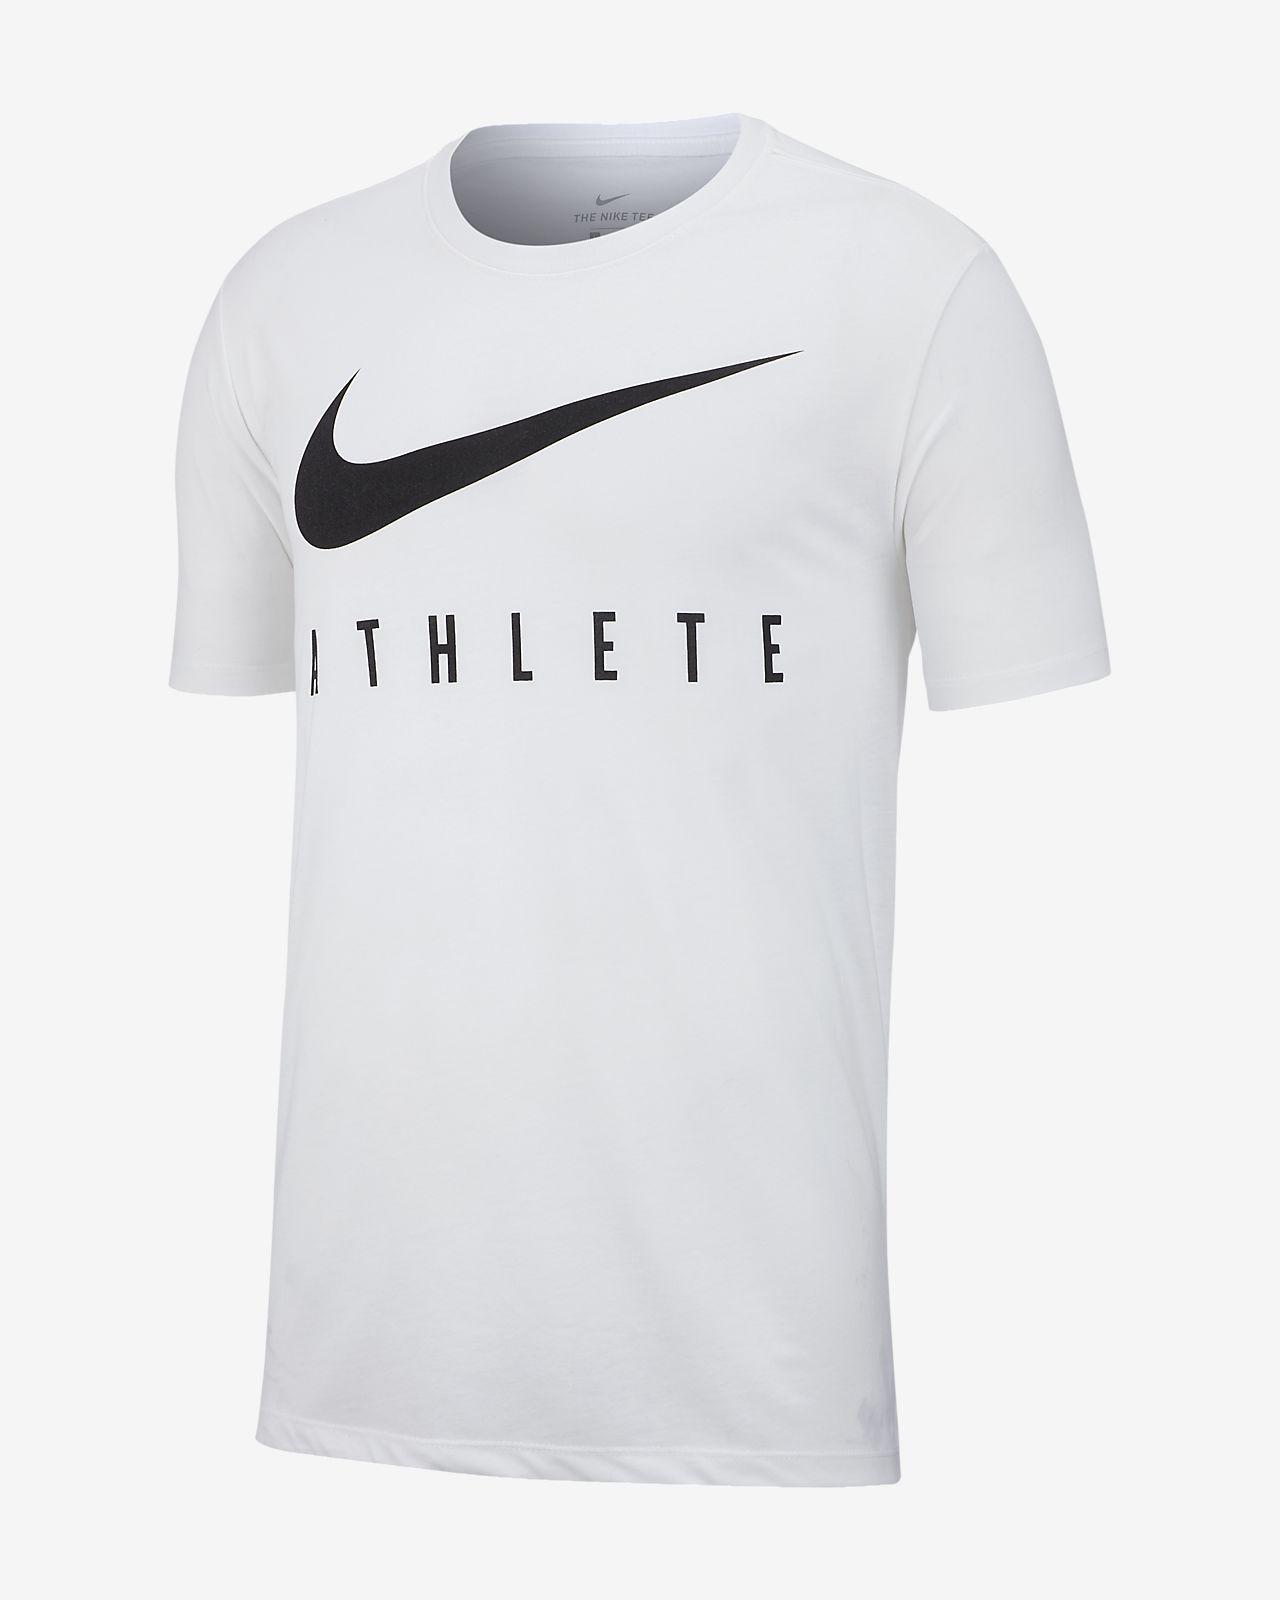 gran selección de nueva productos calientes amplia selección Nike Dri-FIT Camiseta de entrenamiento - Hombre